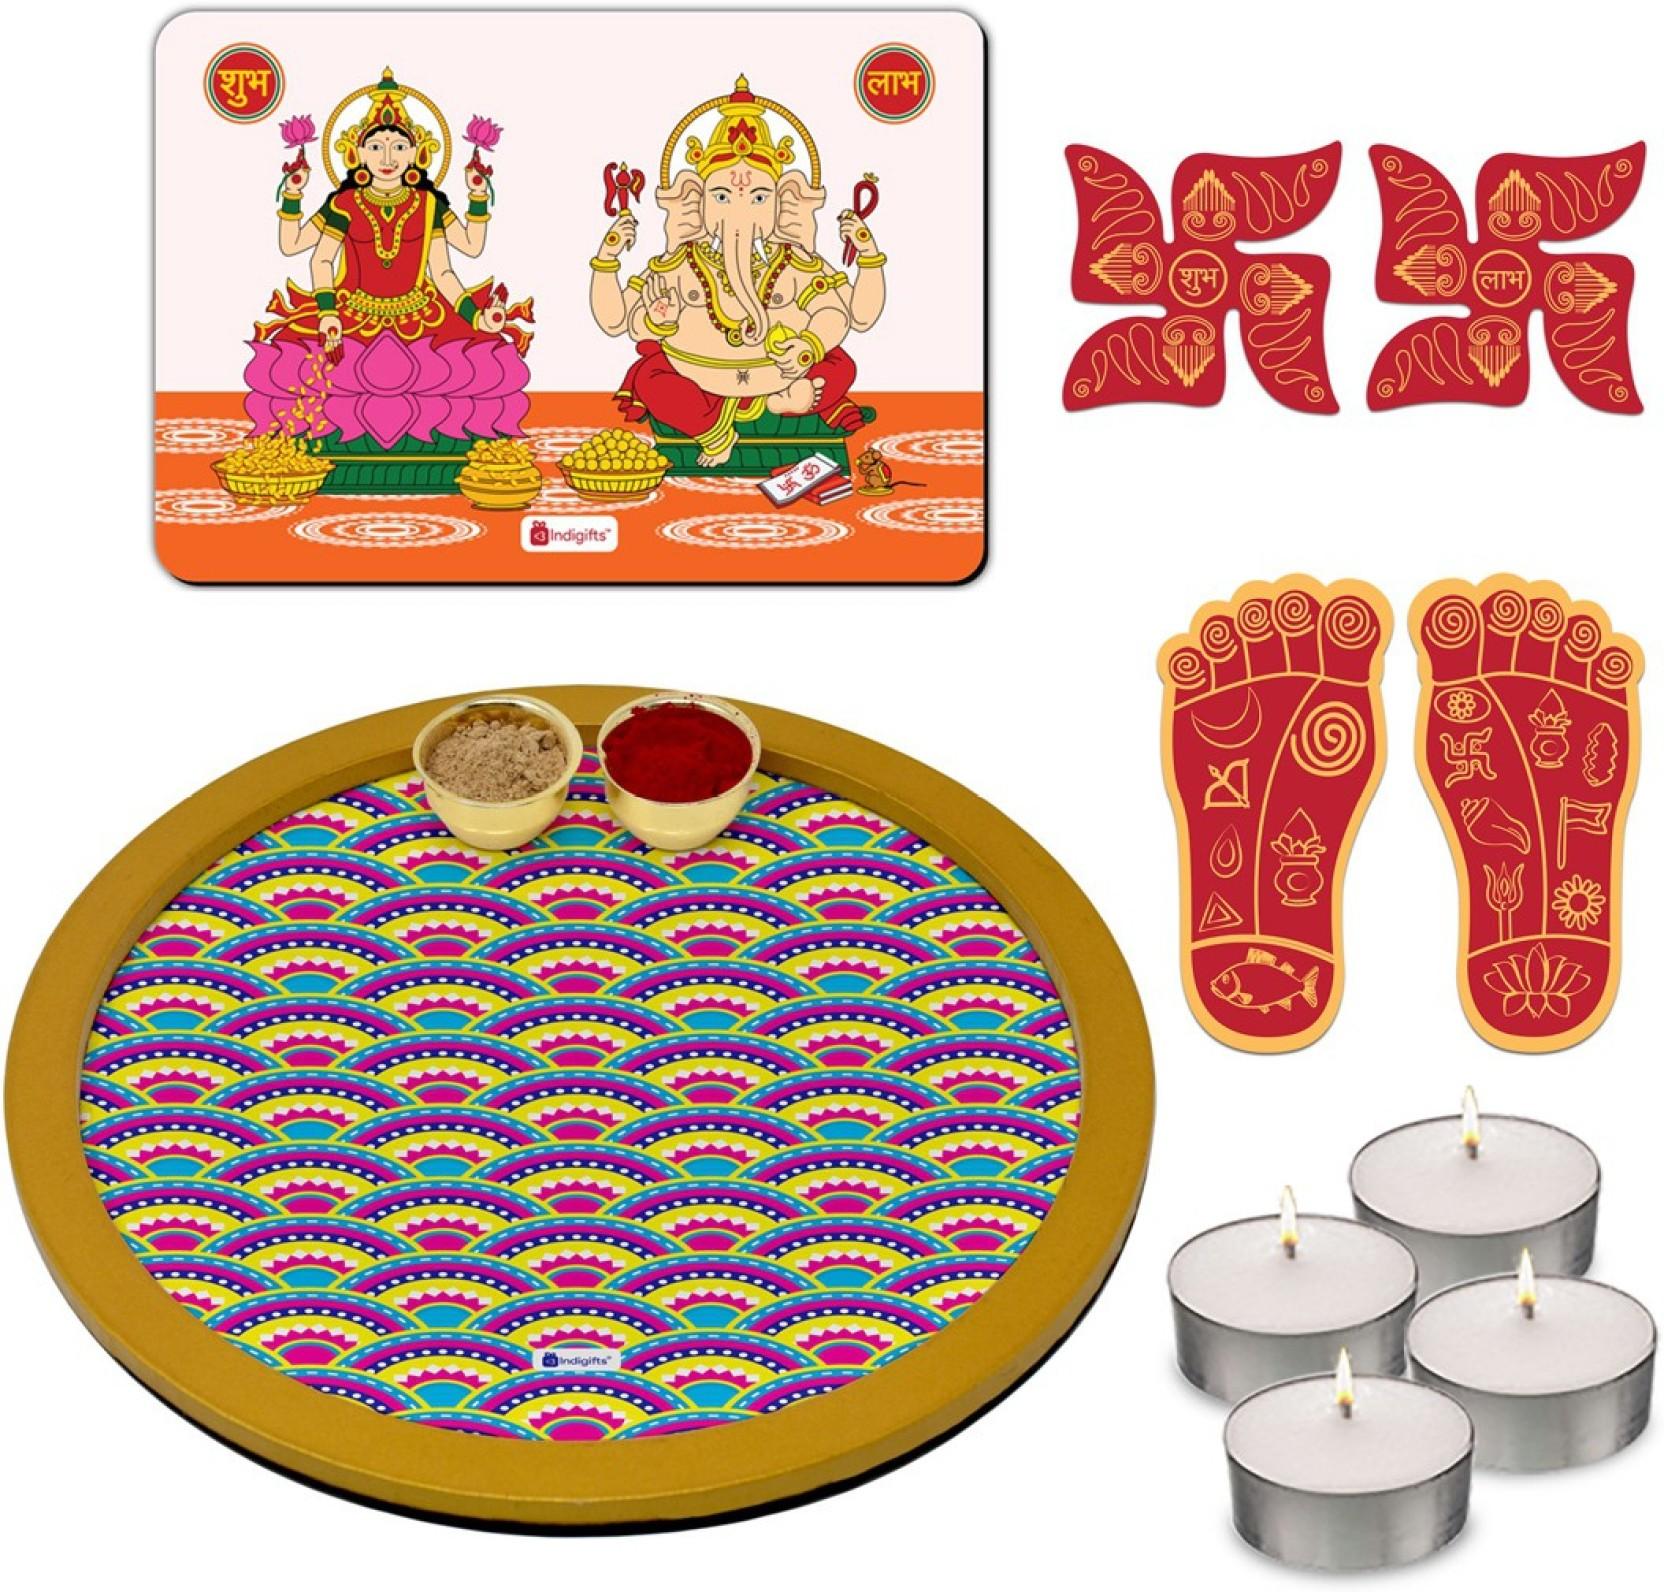 Indi ts Puja Thali Pooja Thali Set Puja Plate Diwali Special